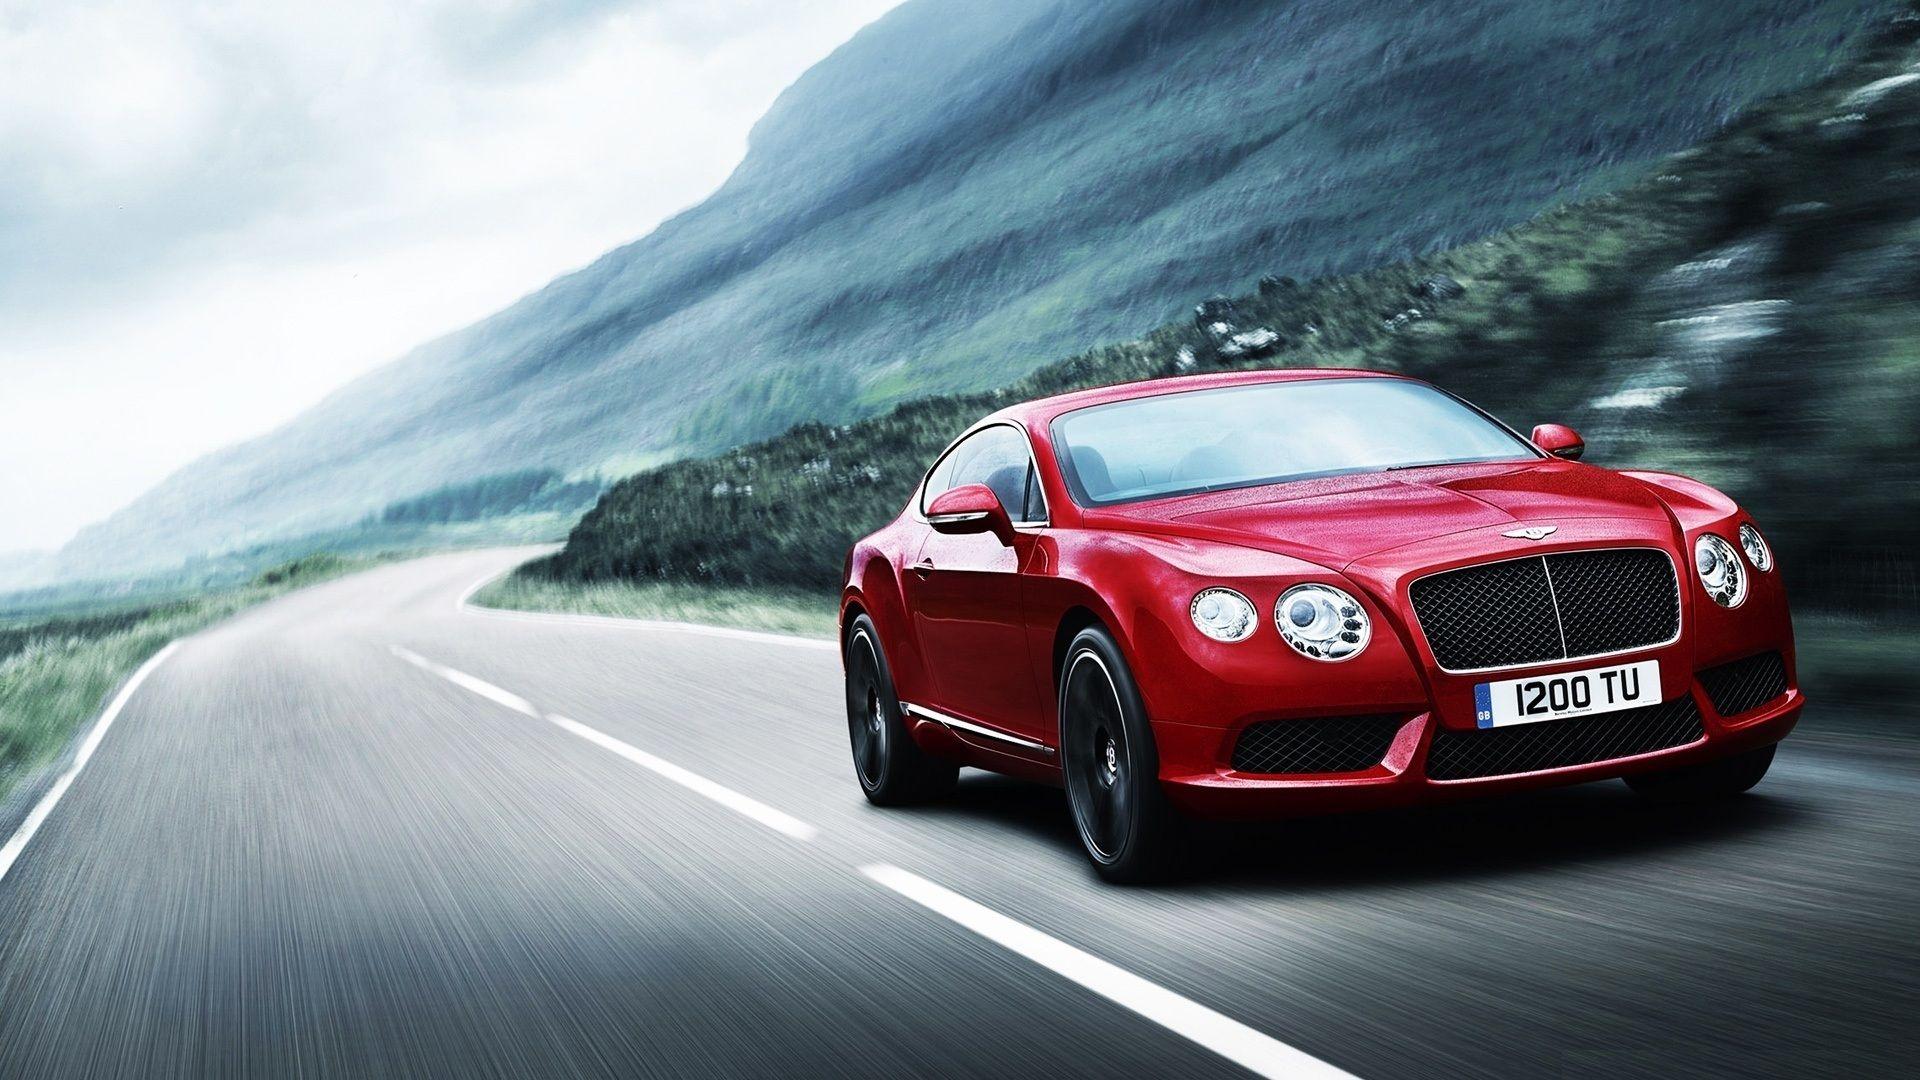 Red Bentley Car Hd Desktop Wallpaper Wallpapers For You Bentley